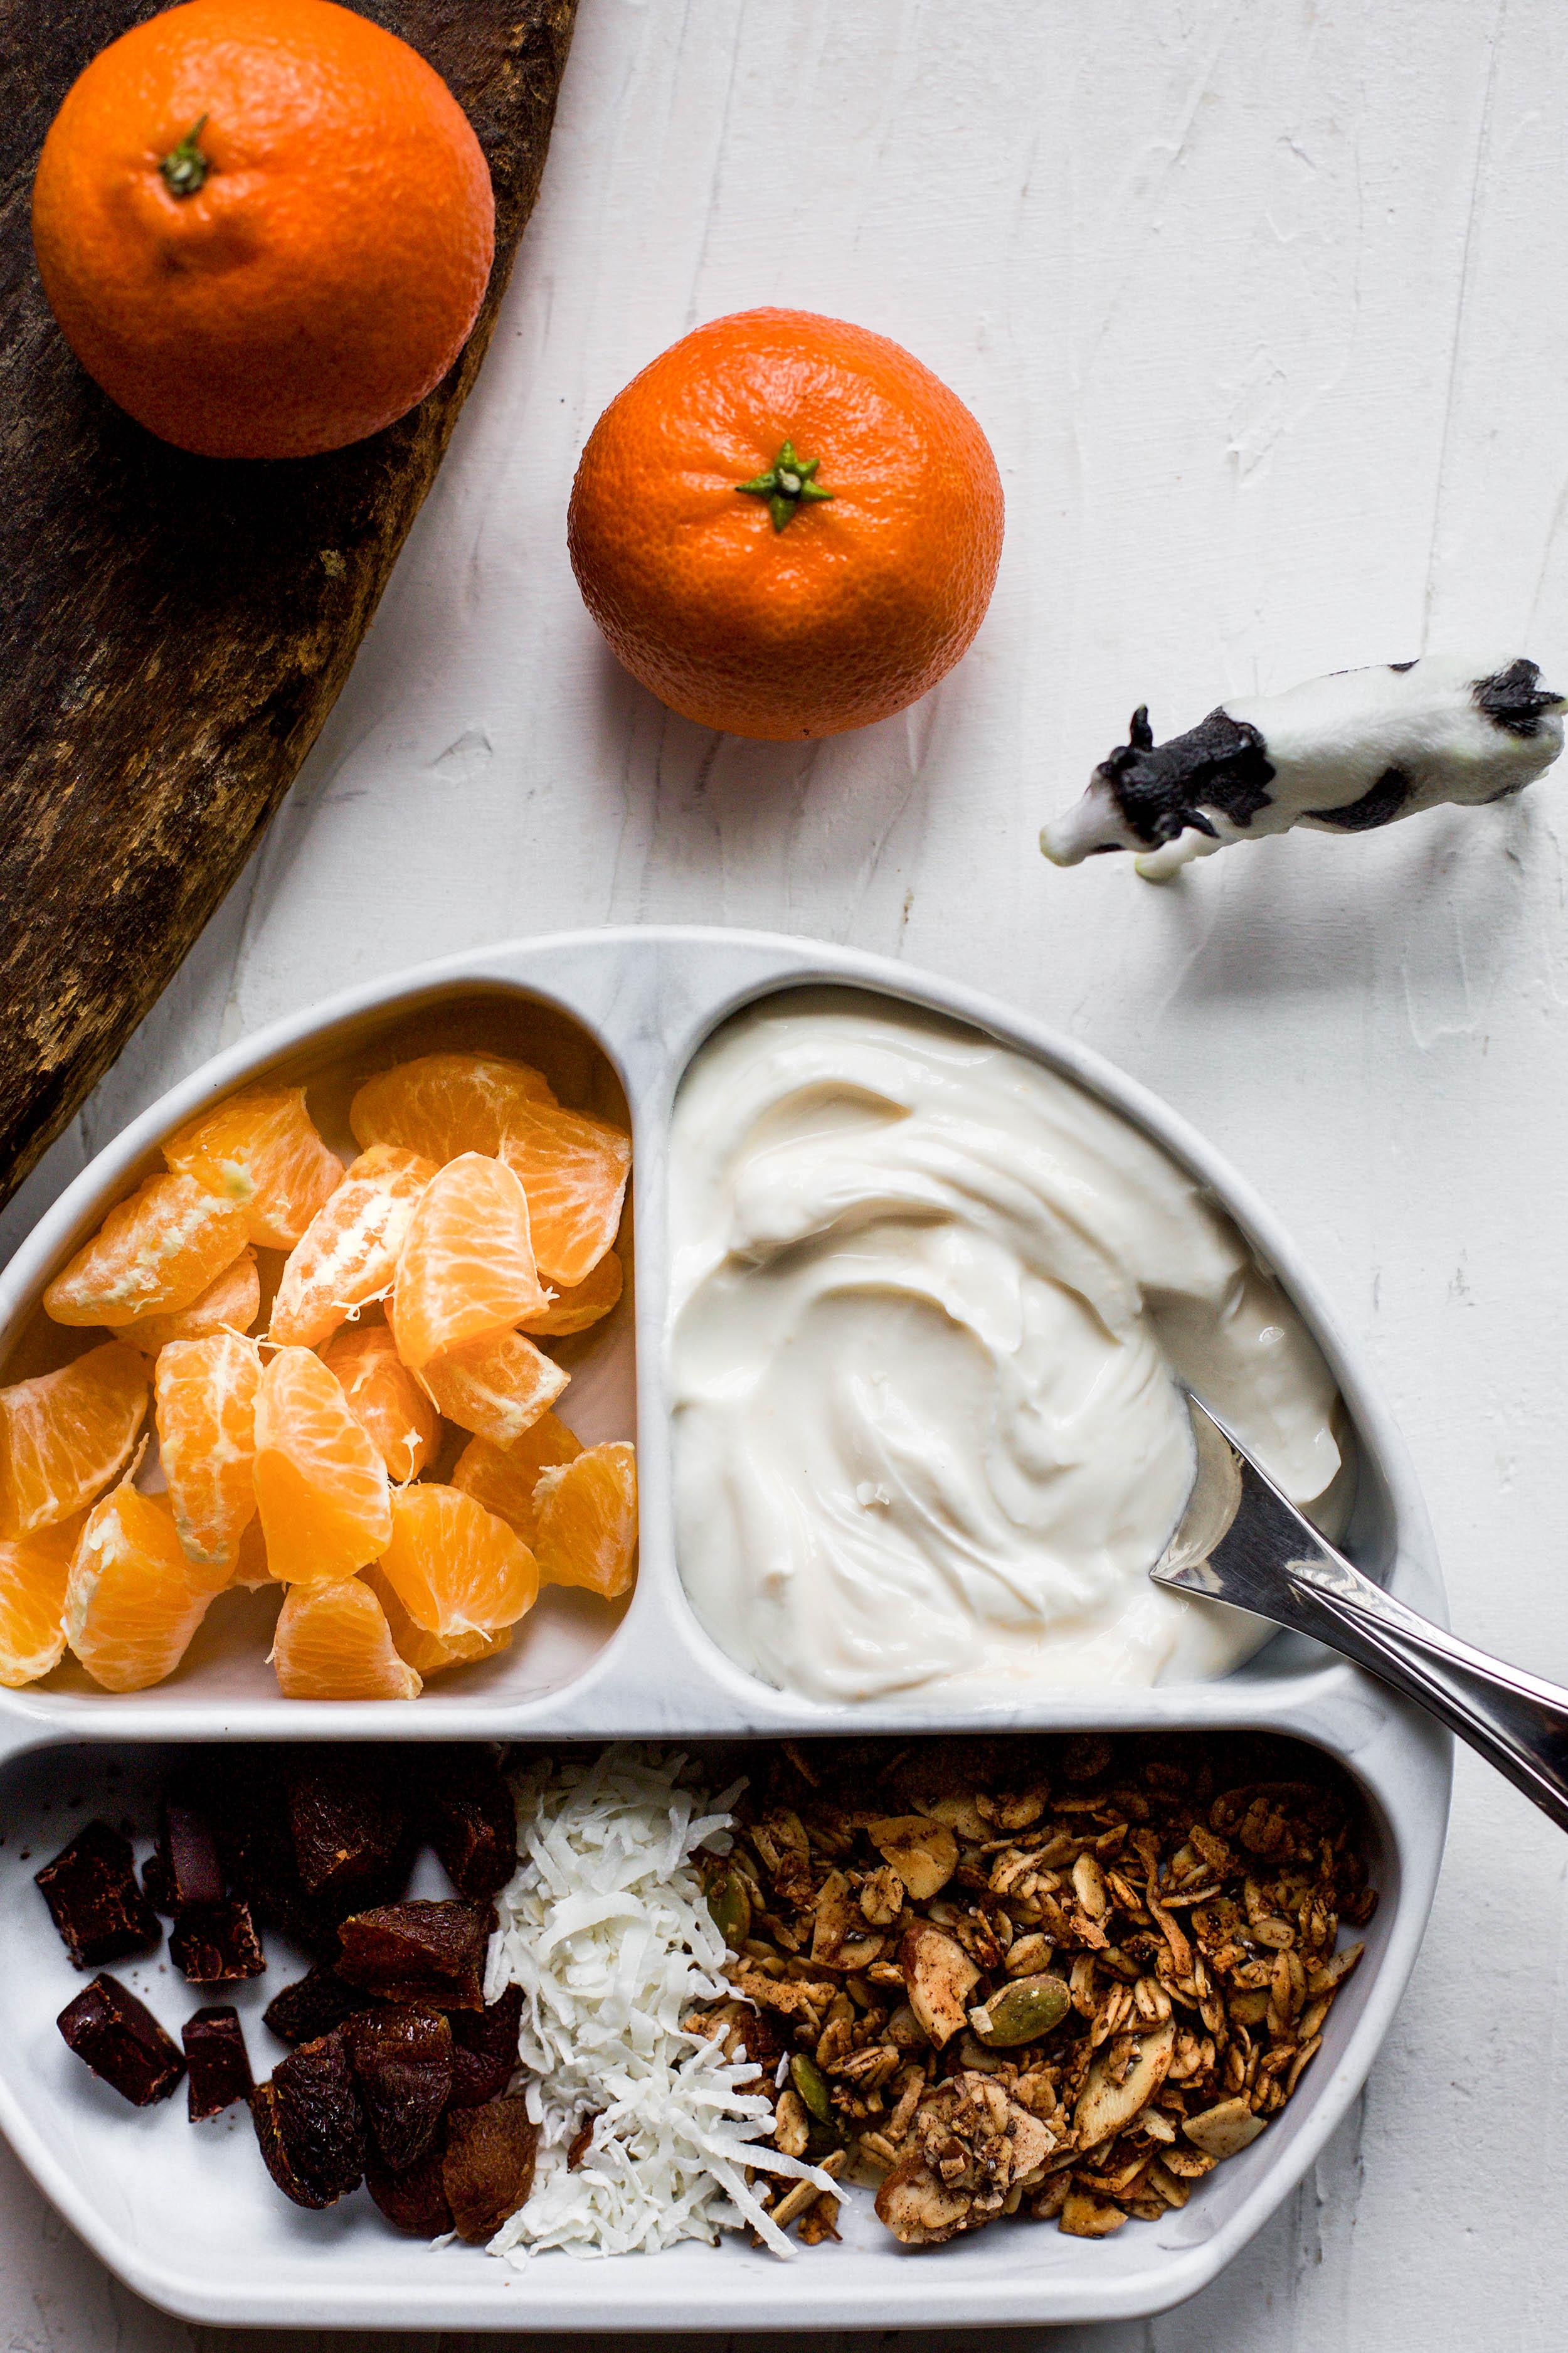 Deconstructed Vanilla Citrus Yogurt Bowls